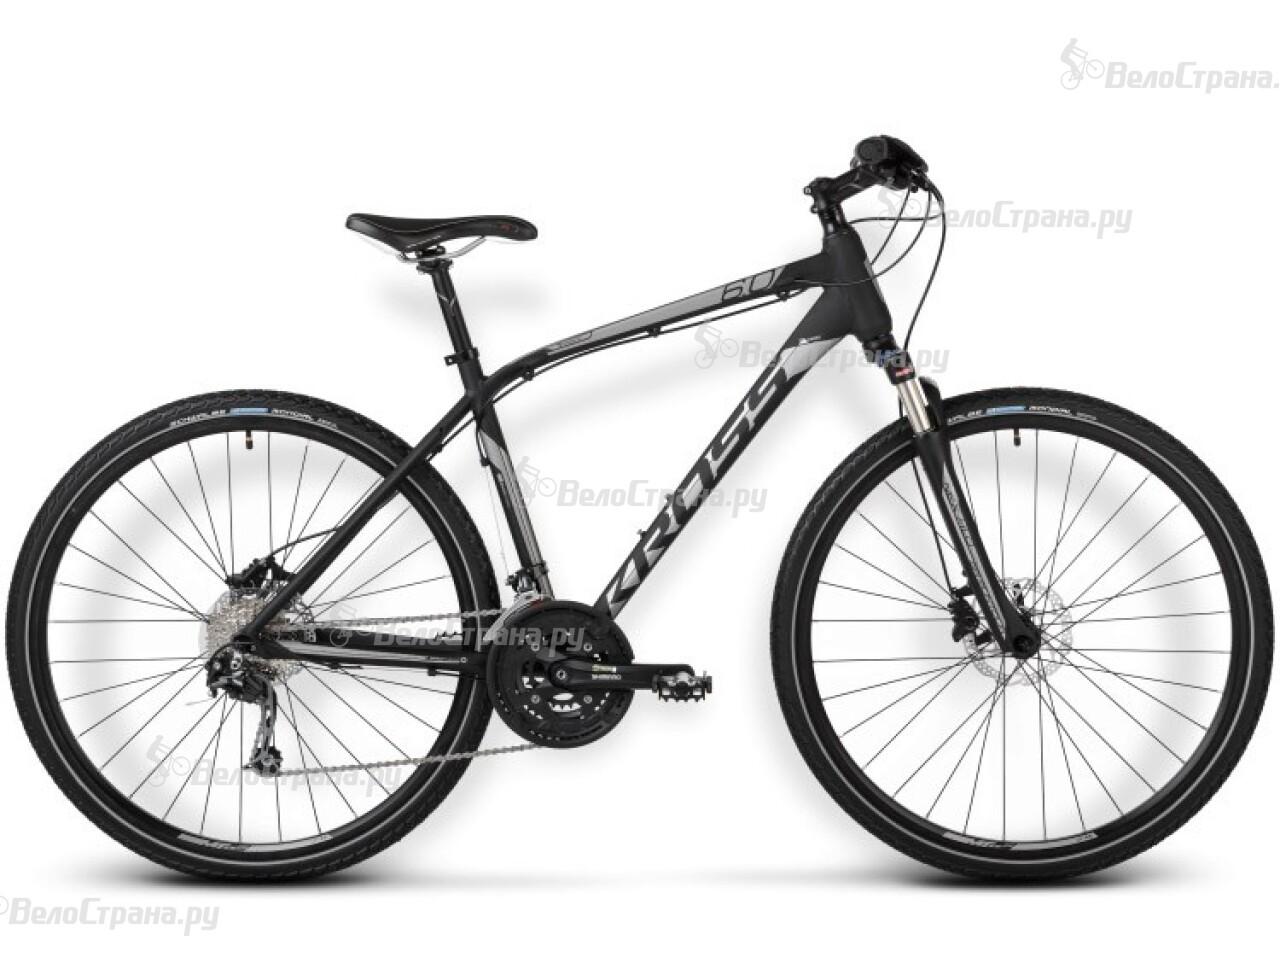 Велосипед Kross Evado 6.0 (2015) велосипед kross level b7 2015